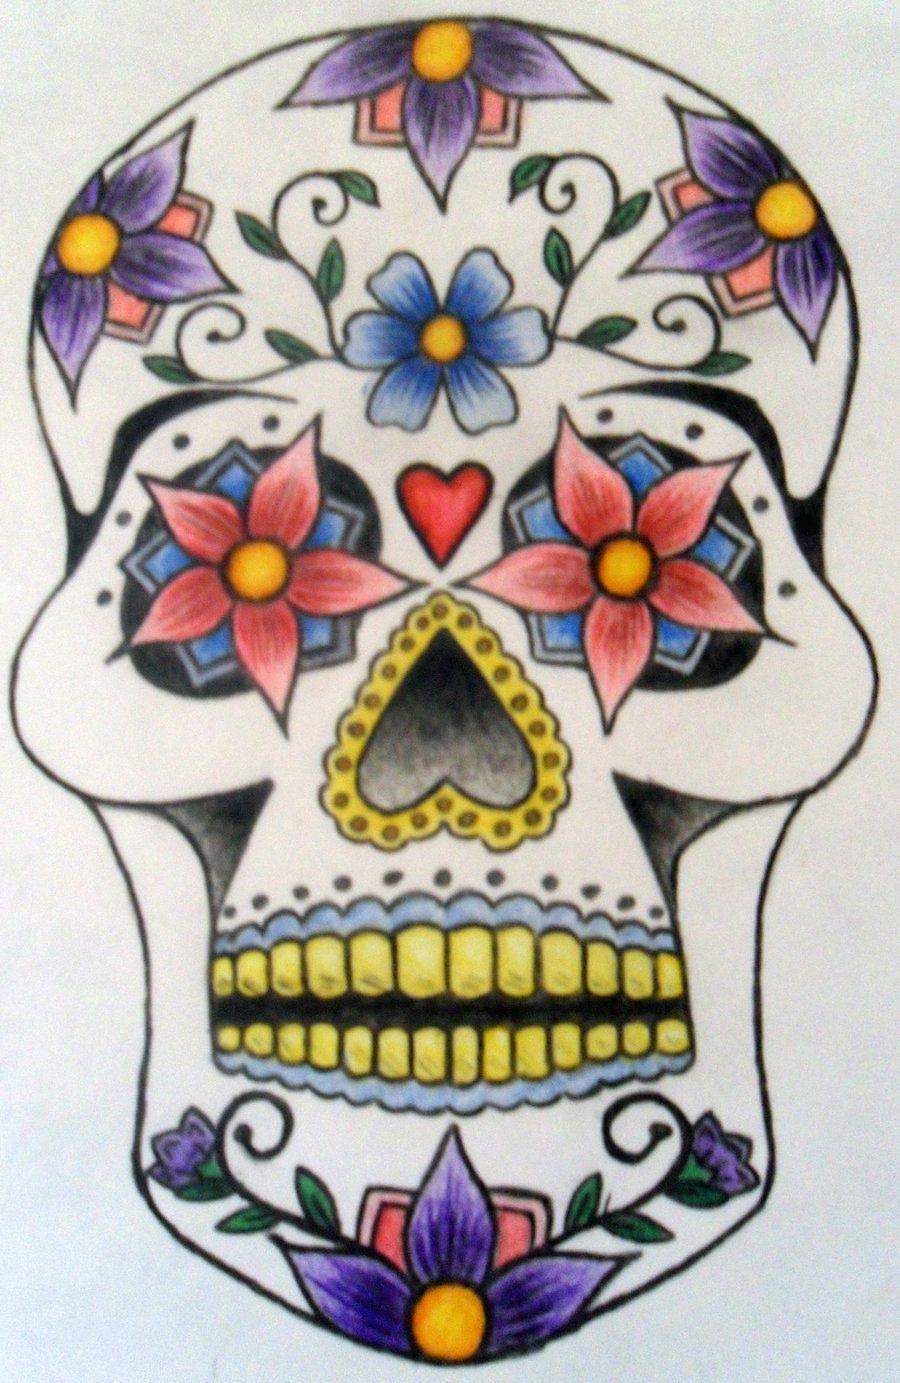 900x1383 Pin By Alex Applebaum On Boo Sugar Skulls